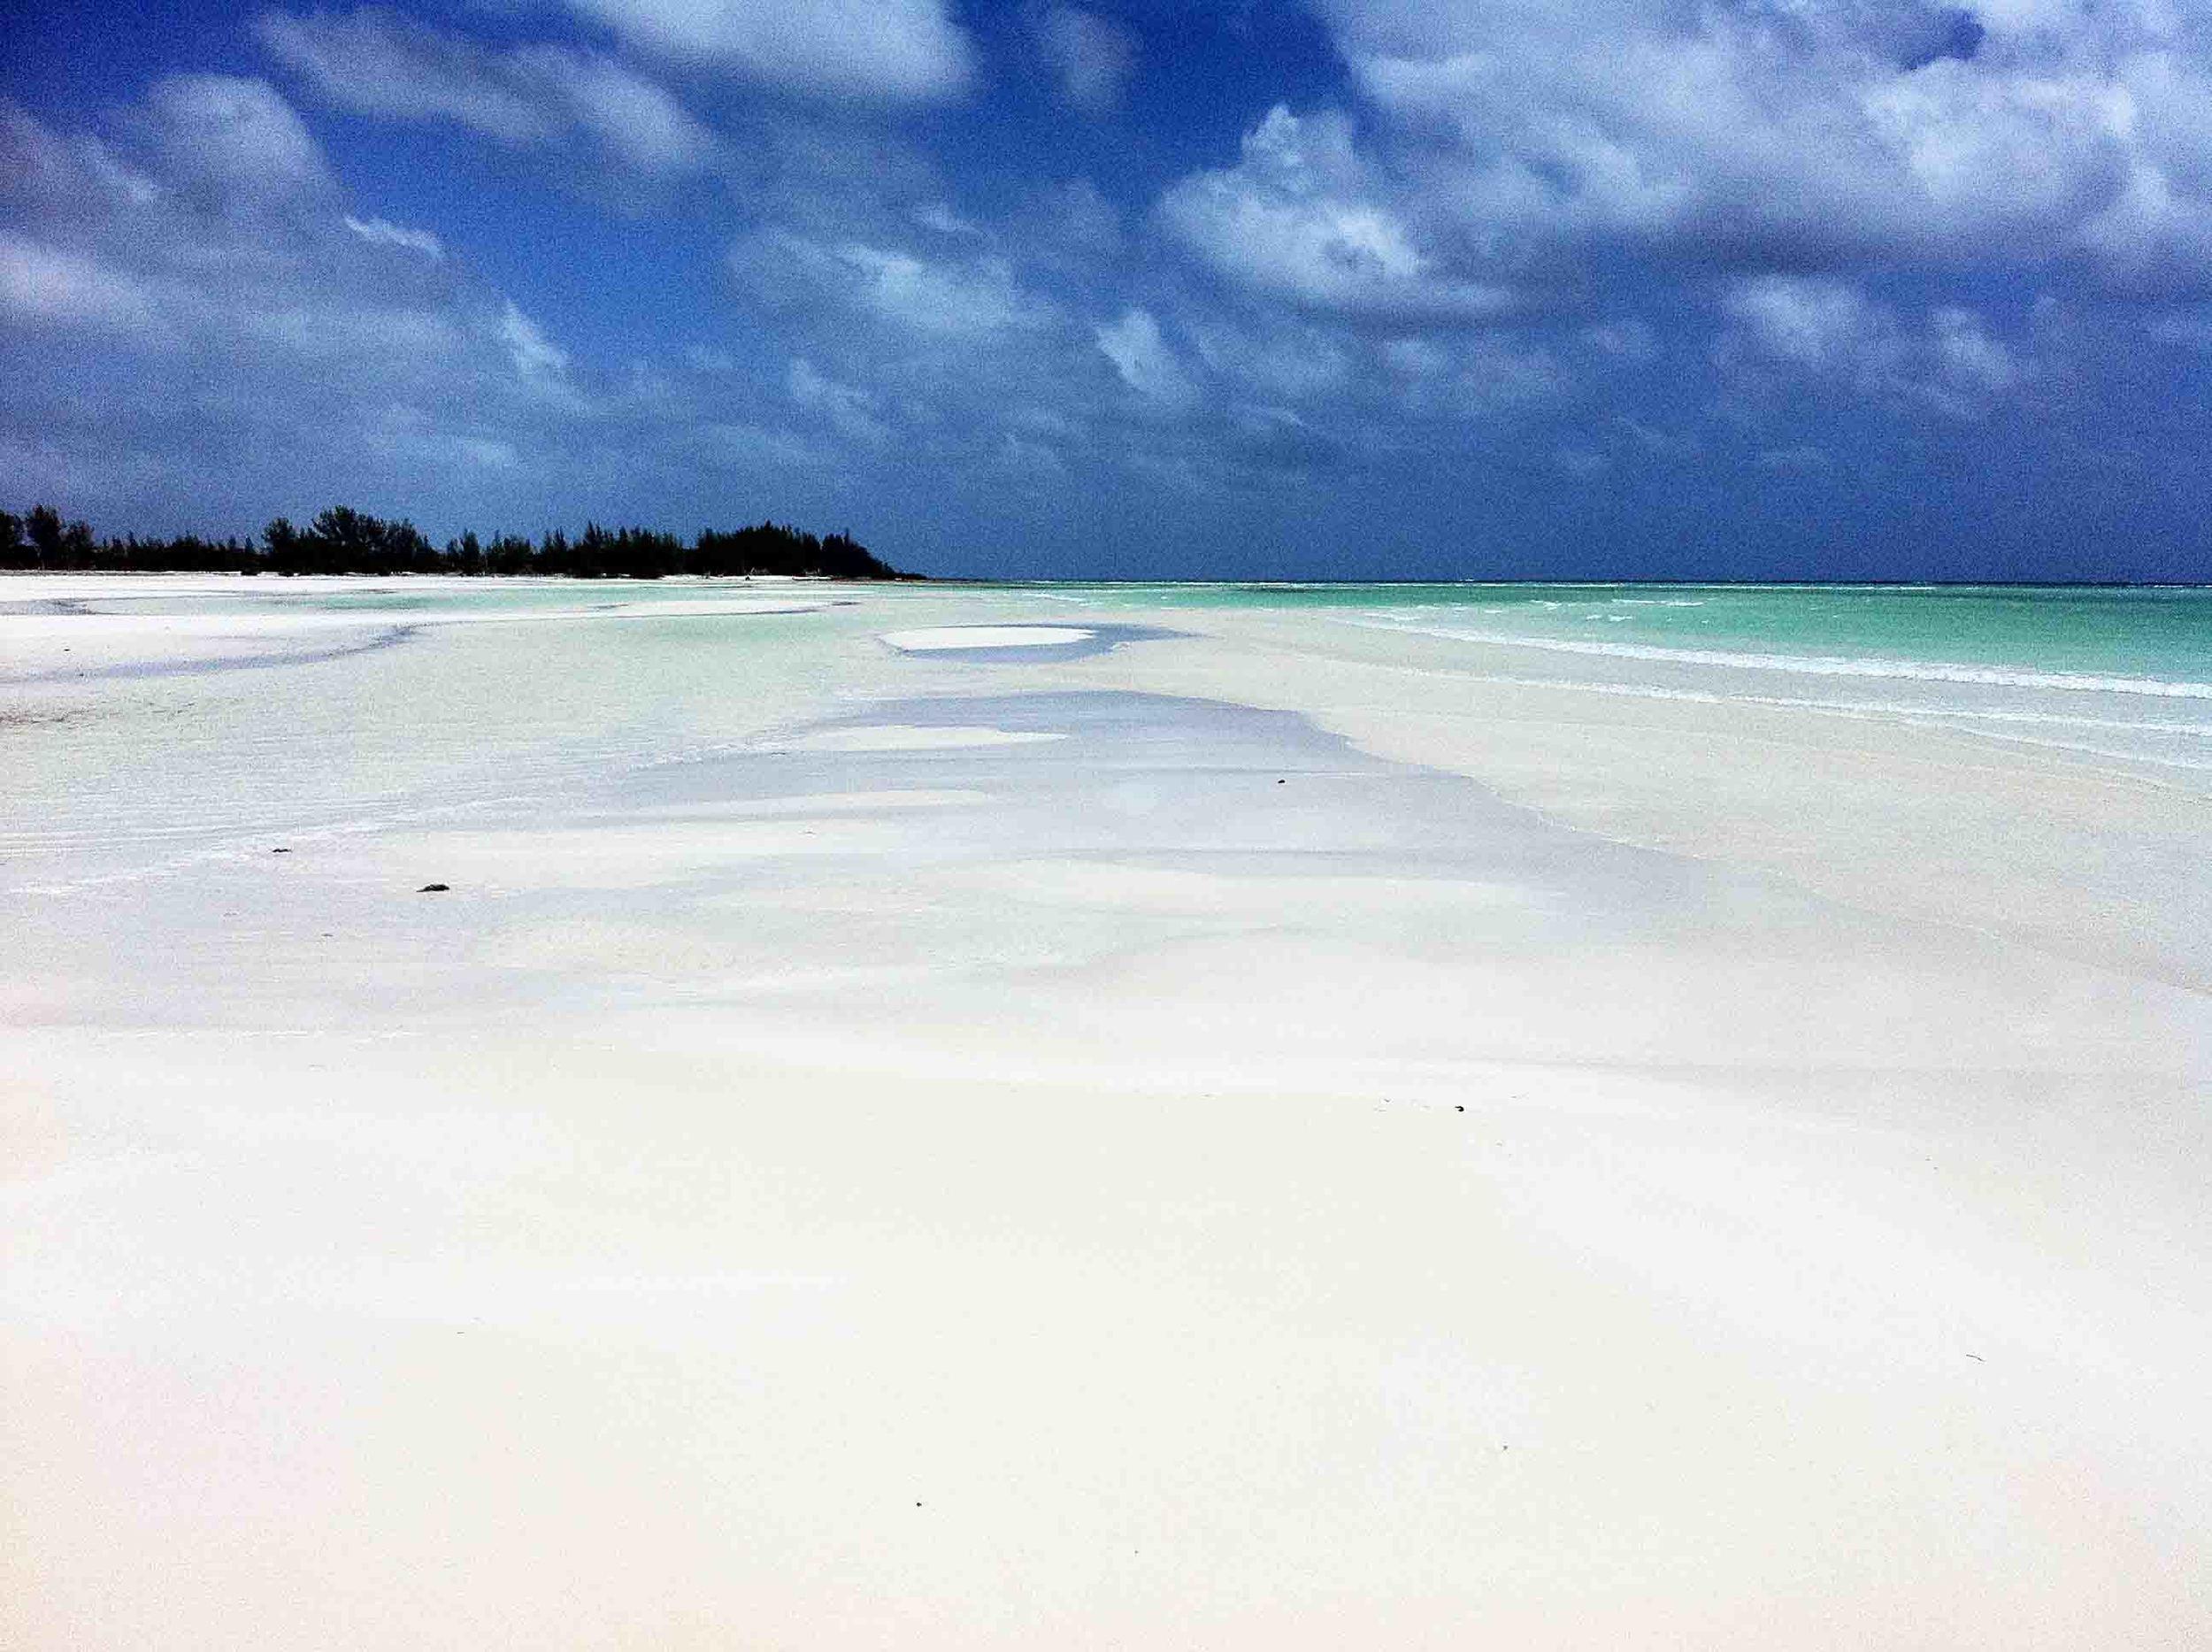 beautiful_bahamas_beaches.jpg